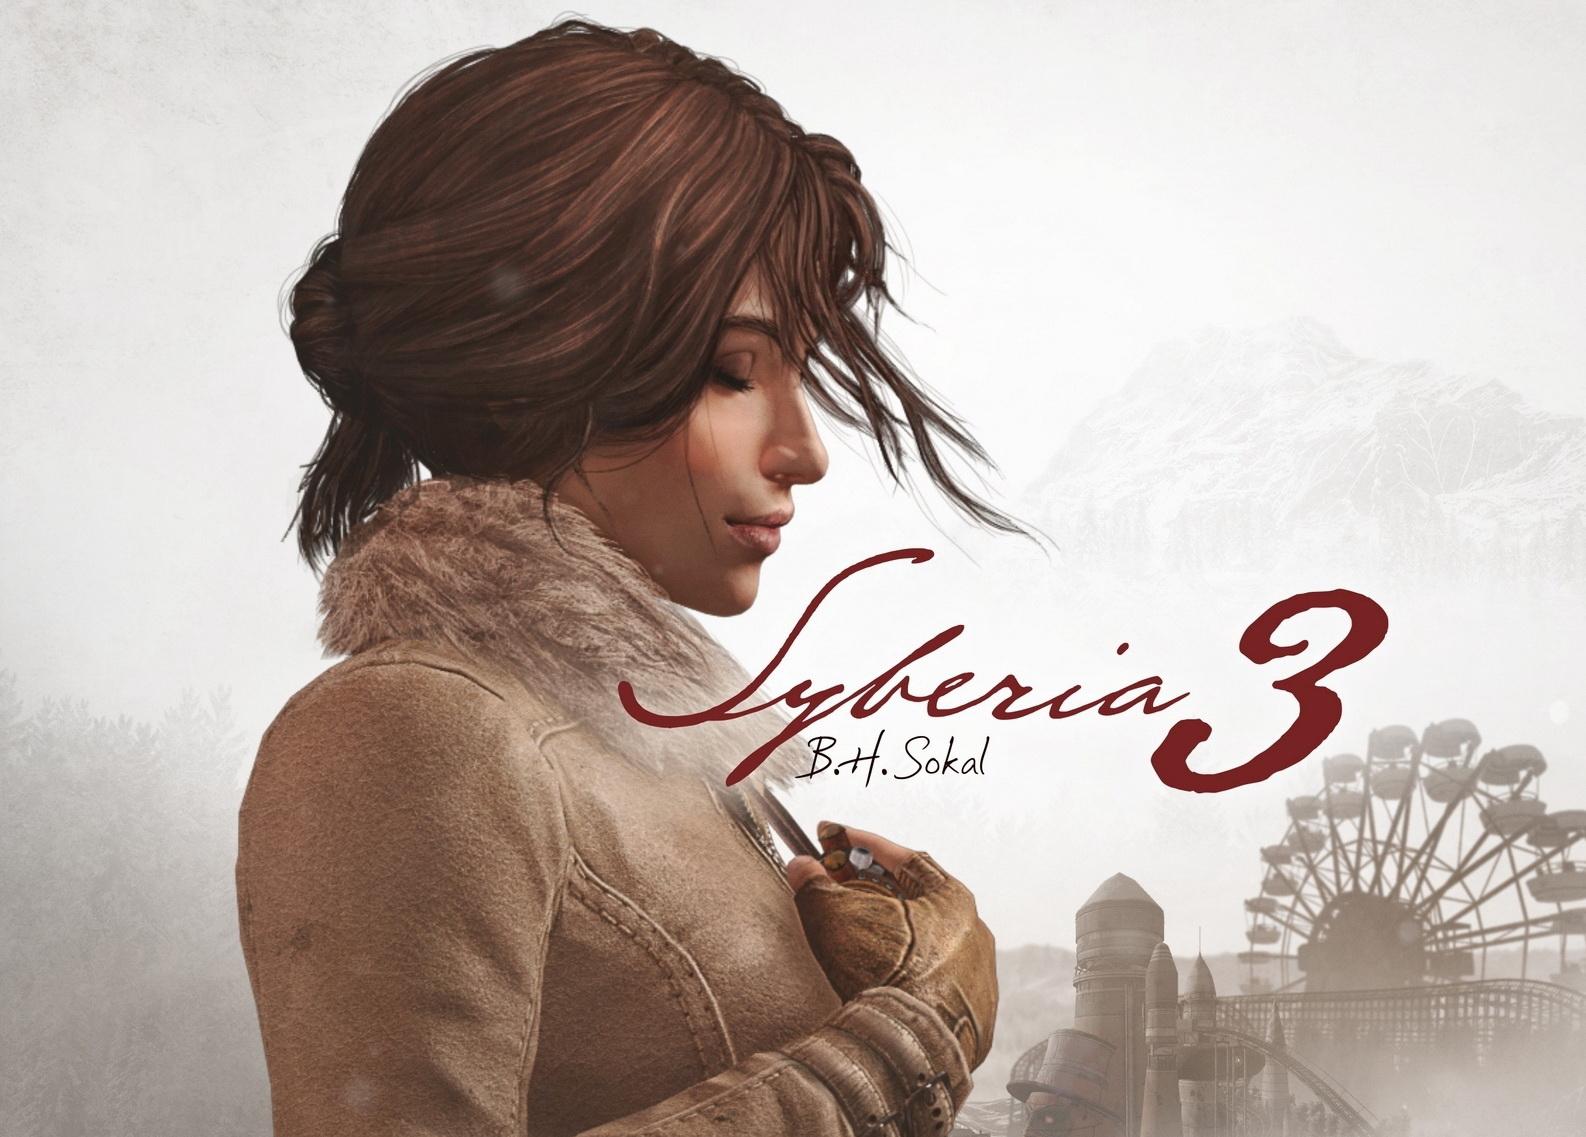 Syberia 3 w cdkeys.com za 67,41zł